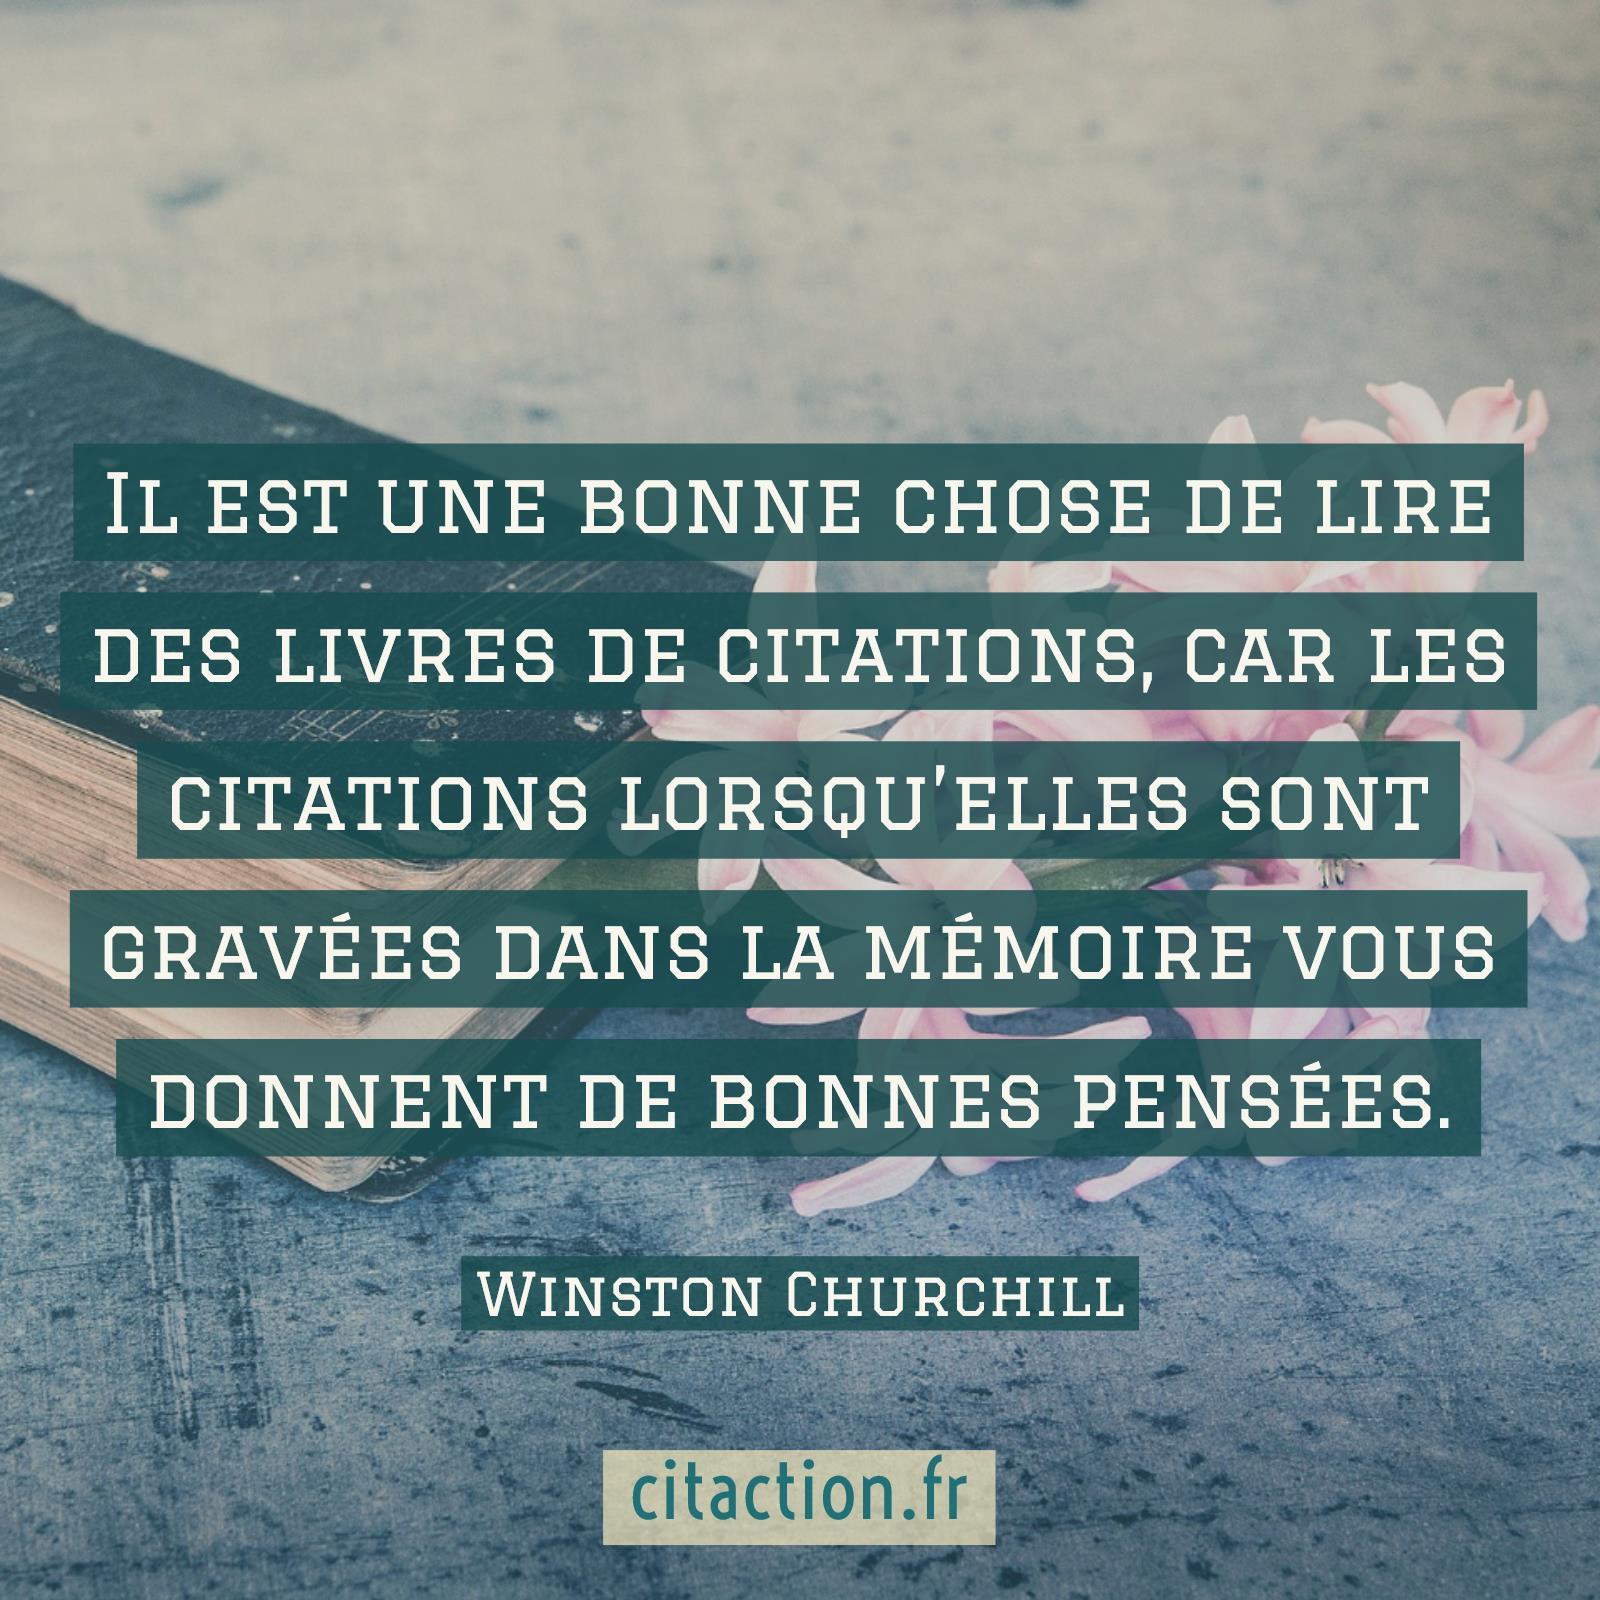 Il est une bonne chose de lire des livres de citations, car les citations lorsqu'elles sont gravées dans la mémoire vous donnent